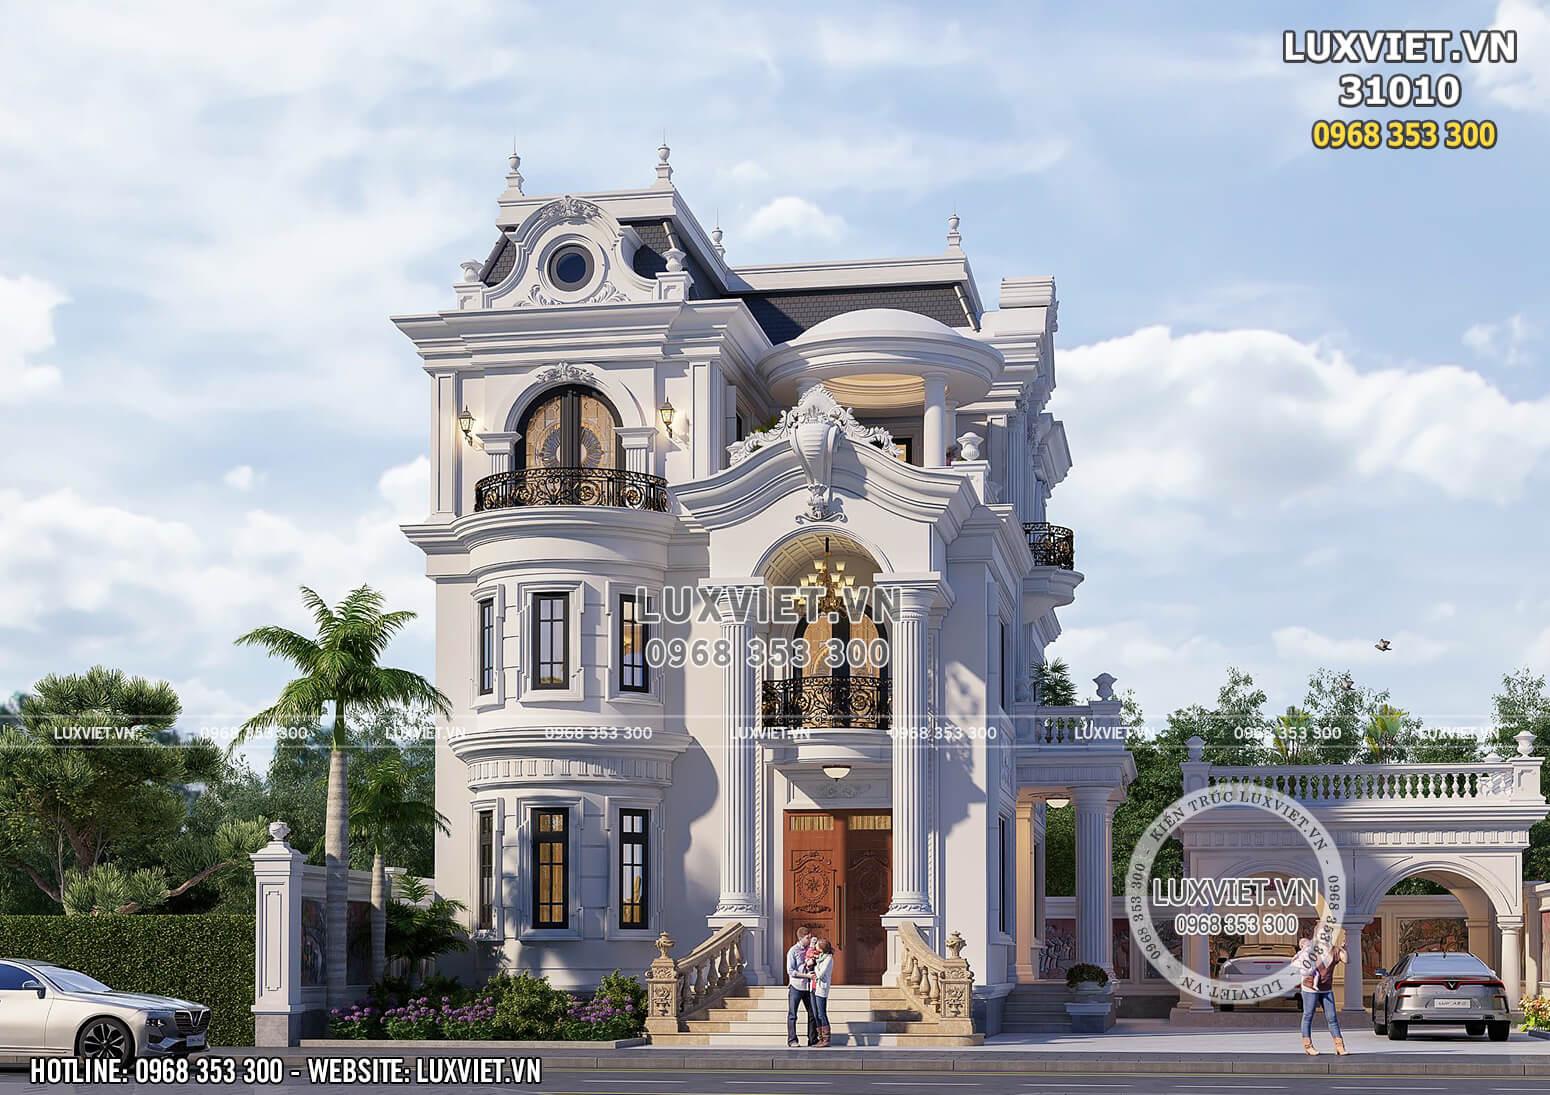 Công trình nhà đẹp kiến trúc tân cổ điển đẹp tại Thái Nguyên - LV 31010